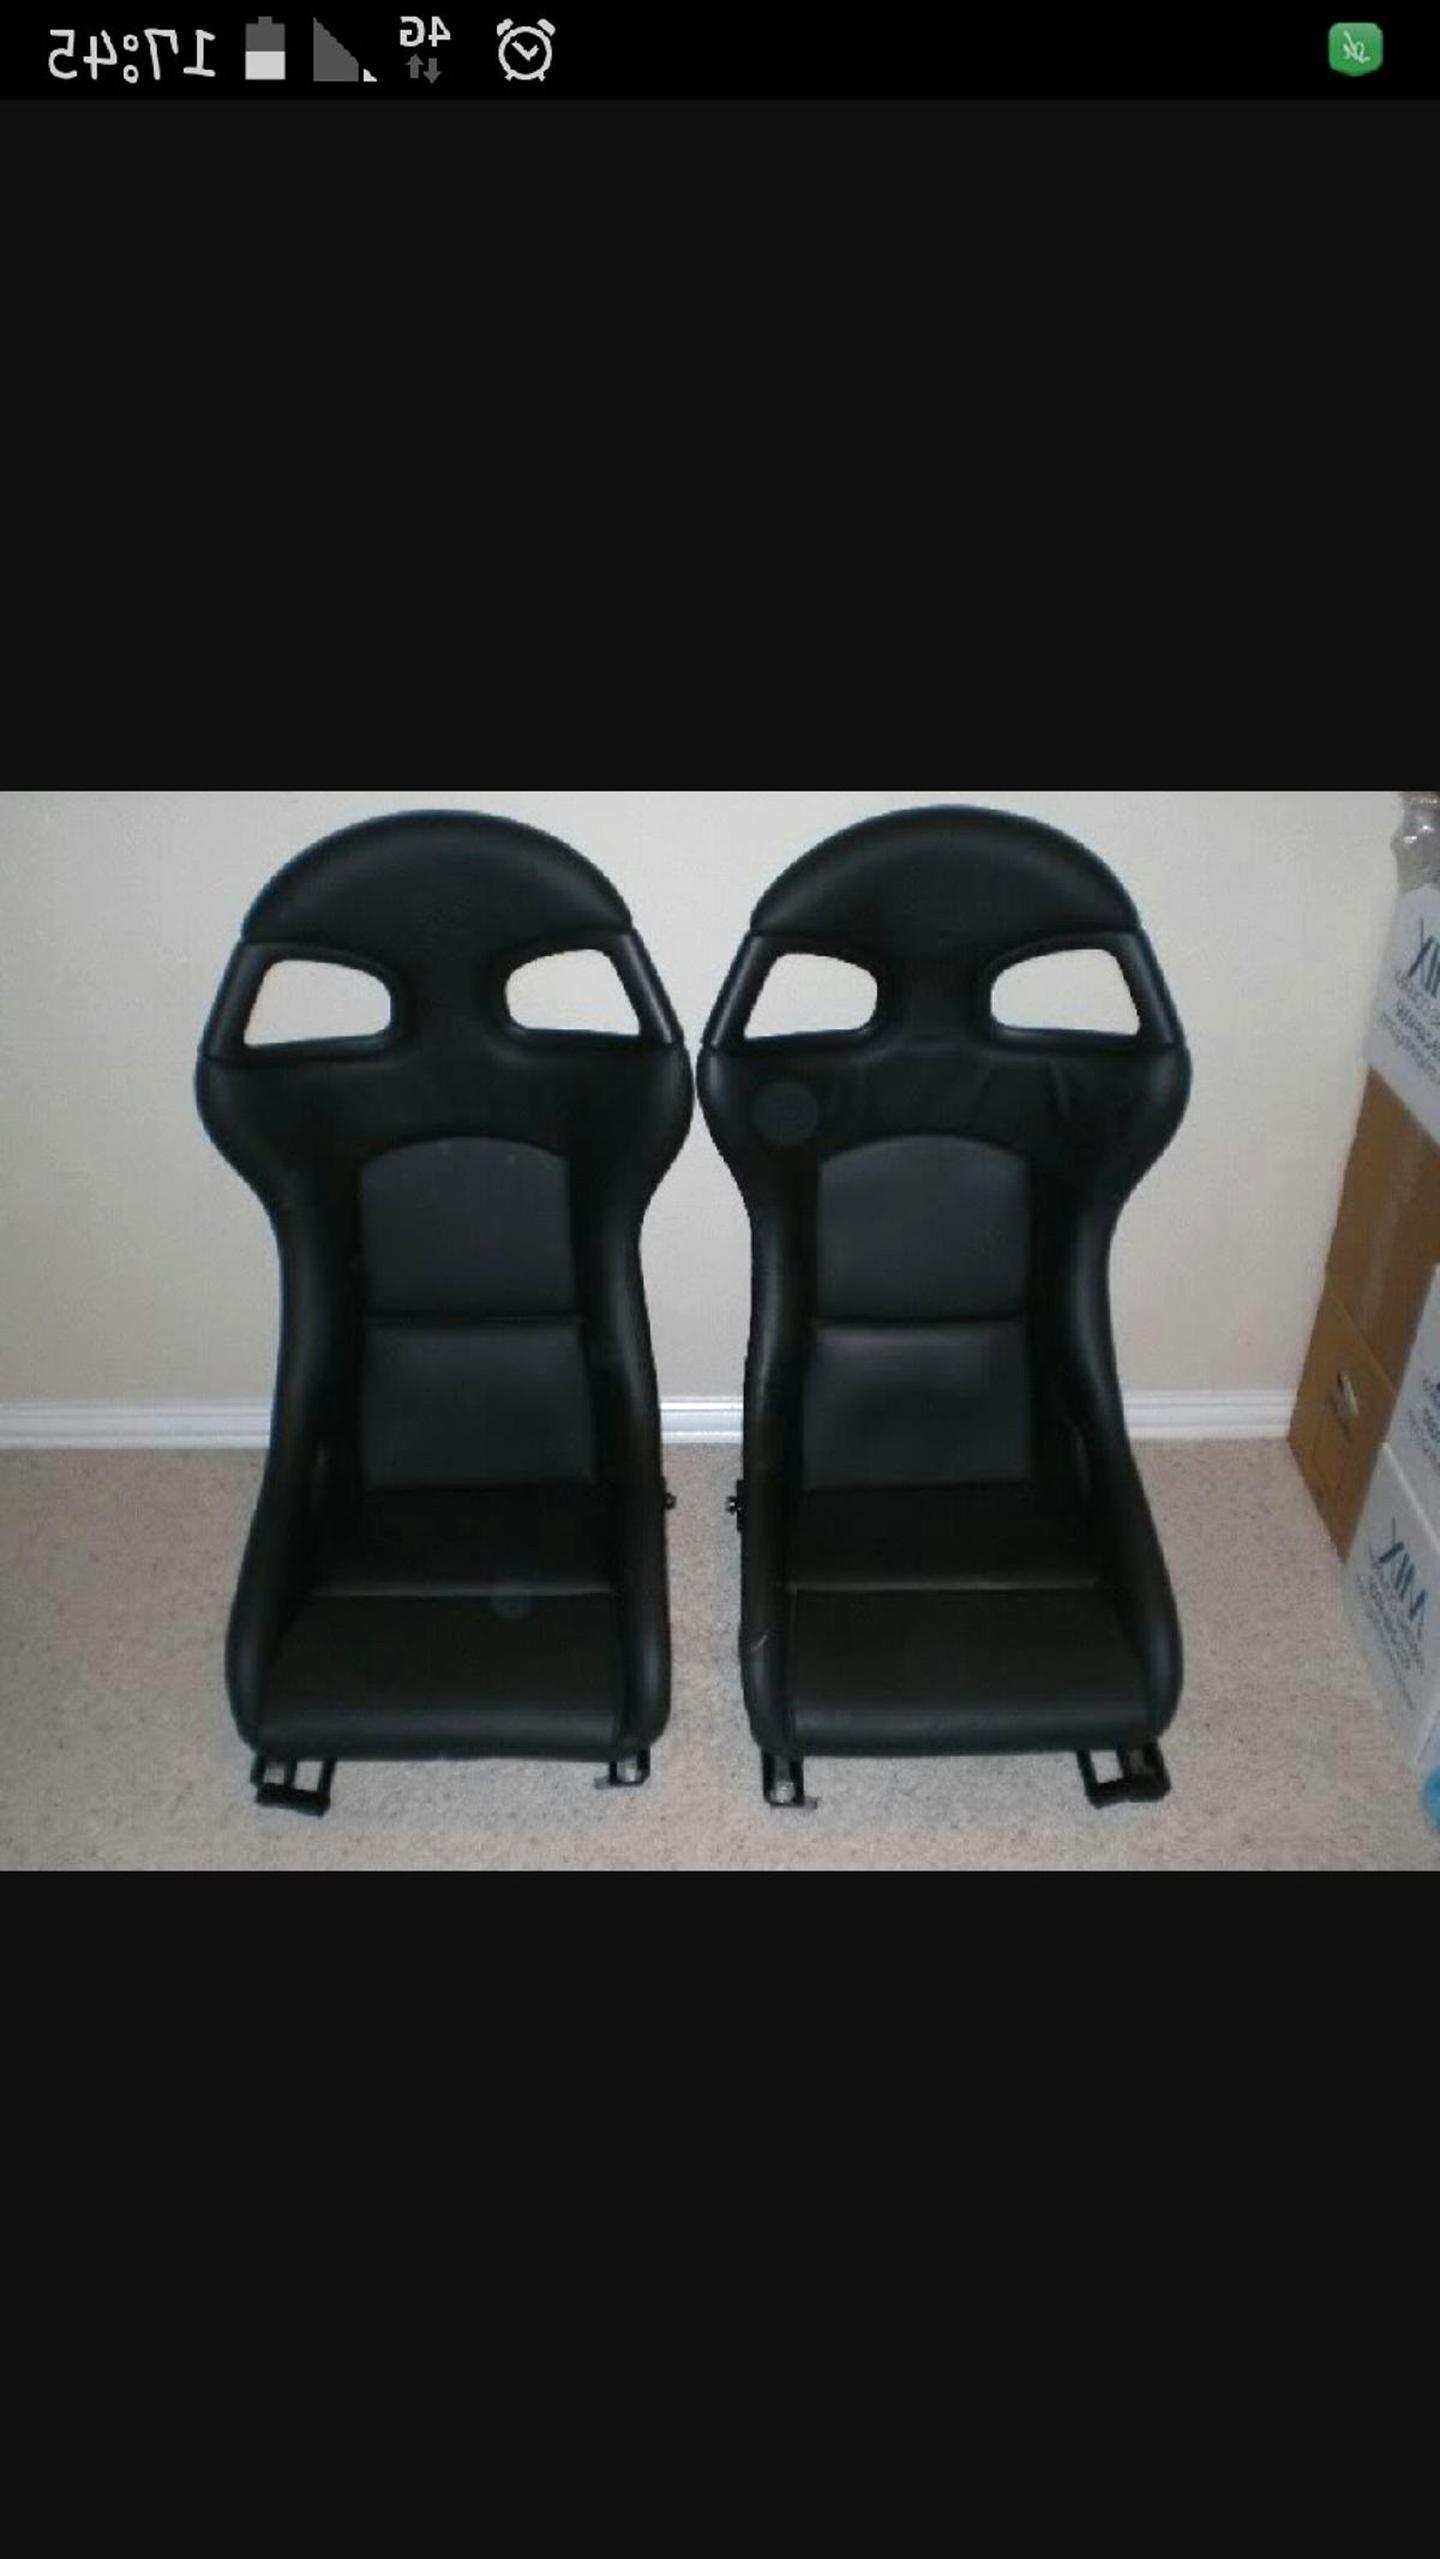 gt3 sitze gebraucht kaufen nur noch 4 st bis 75 g nstiger. Black Bedroom Furniture Sets. Home Design Ideas